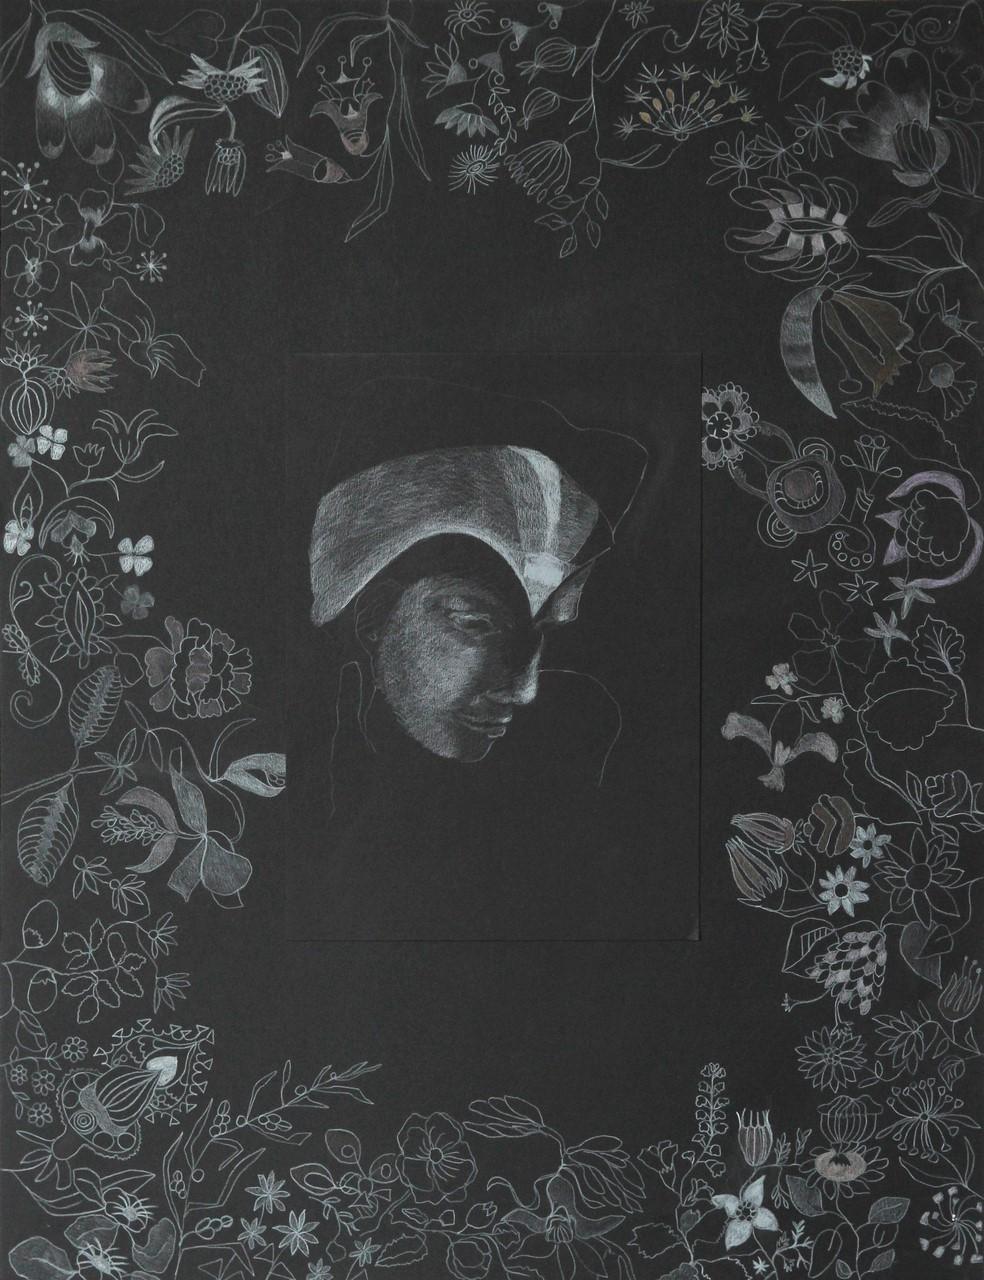 Buntstift auf schwarzem Karton, 65x50 cm